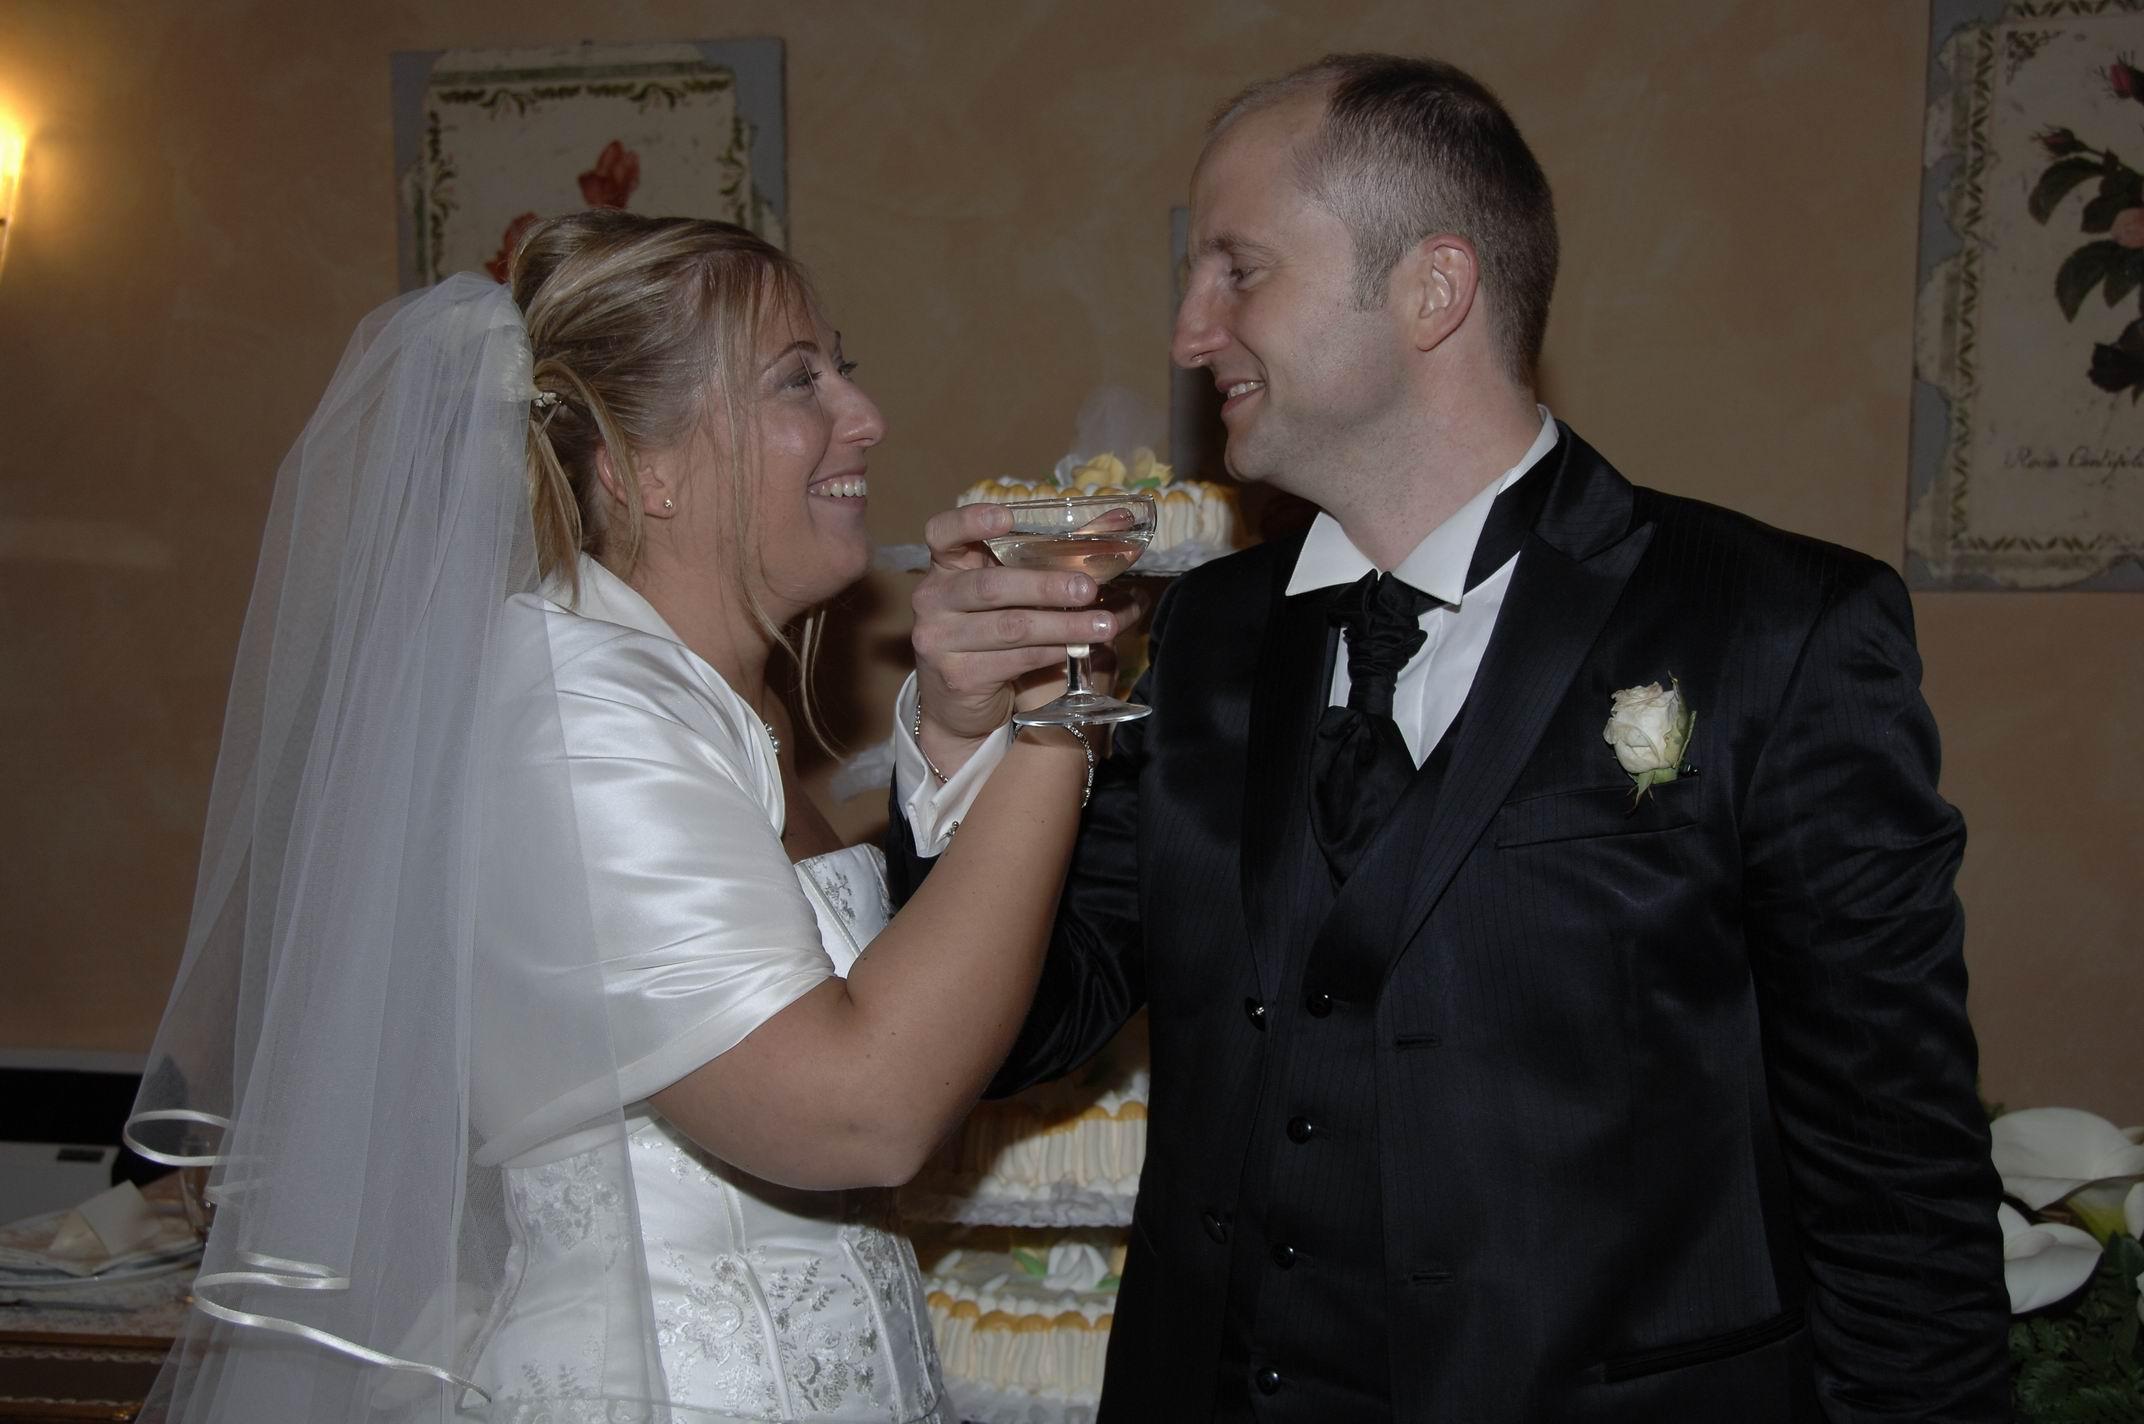 DreamingEvents. Organizzazione di Matrimoni & Wedding Planner a Treviso e provincia.